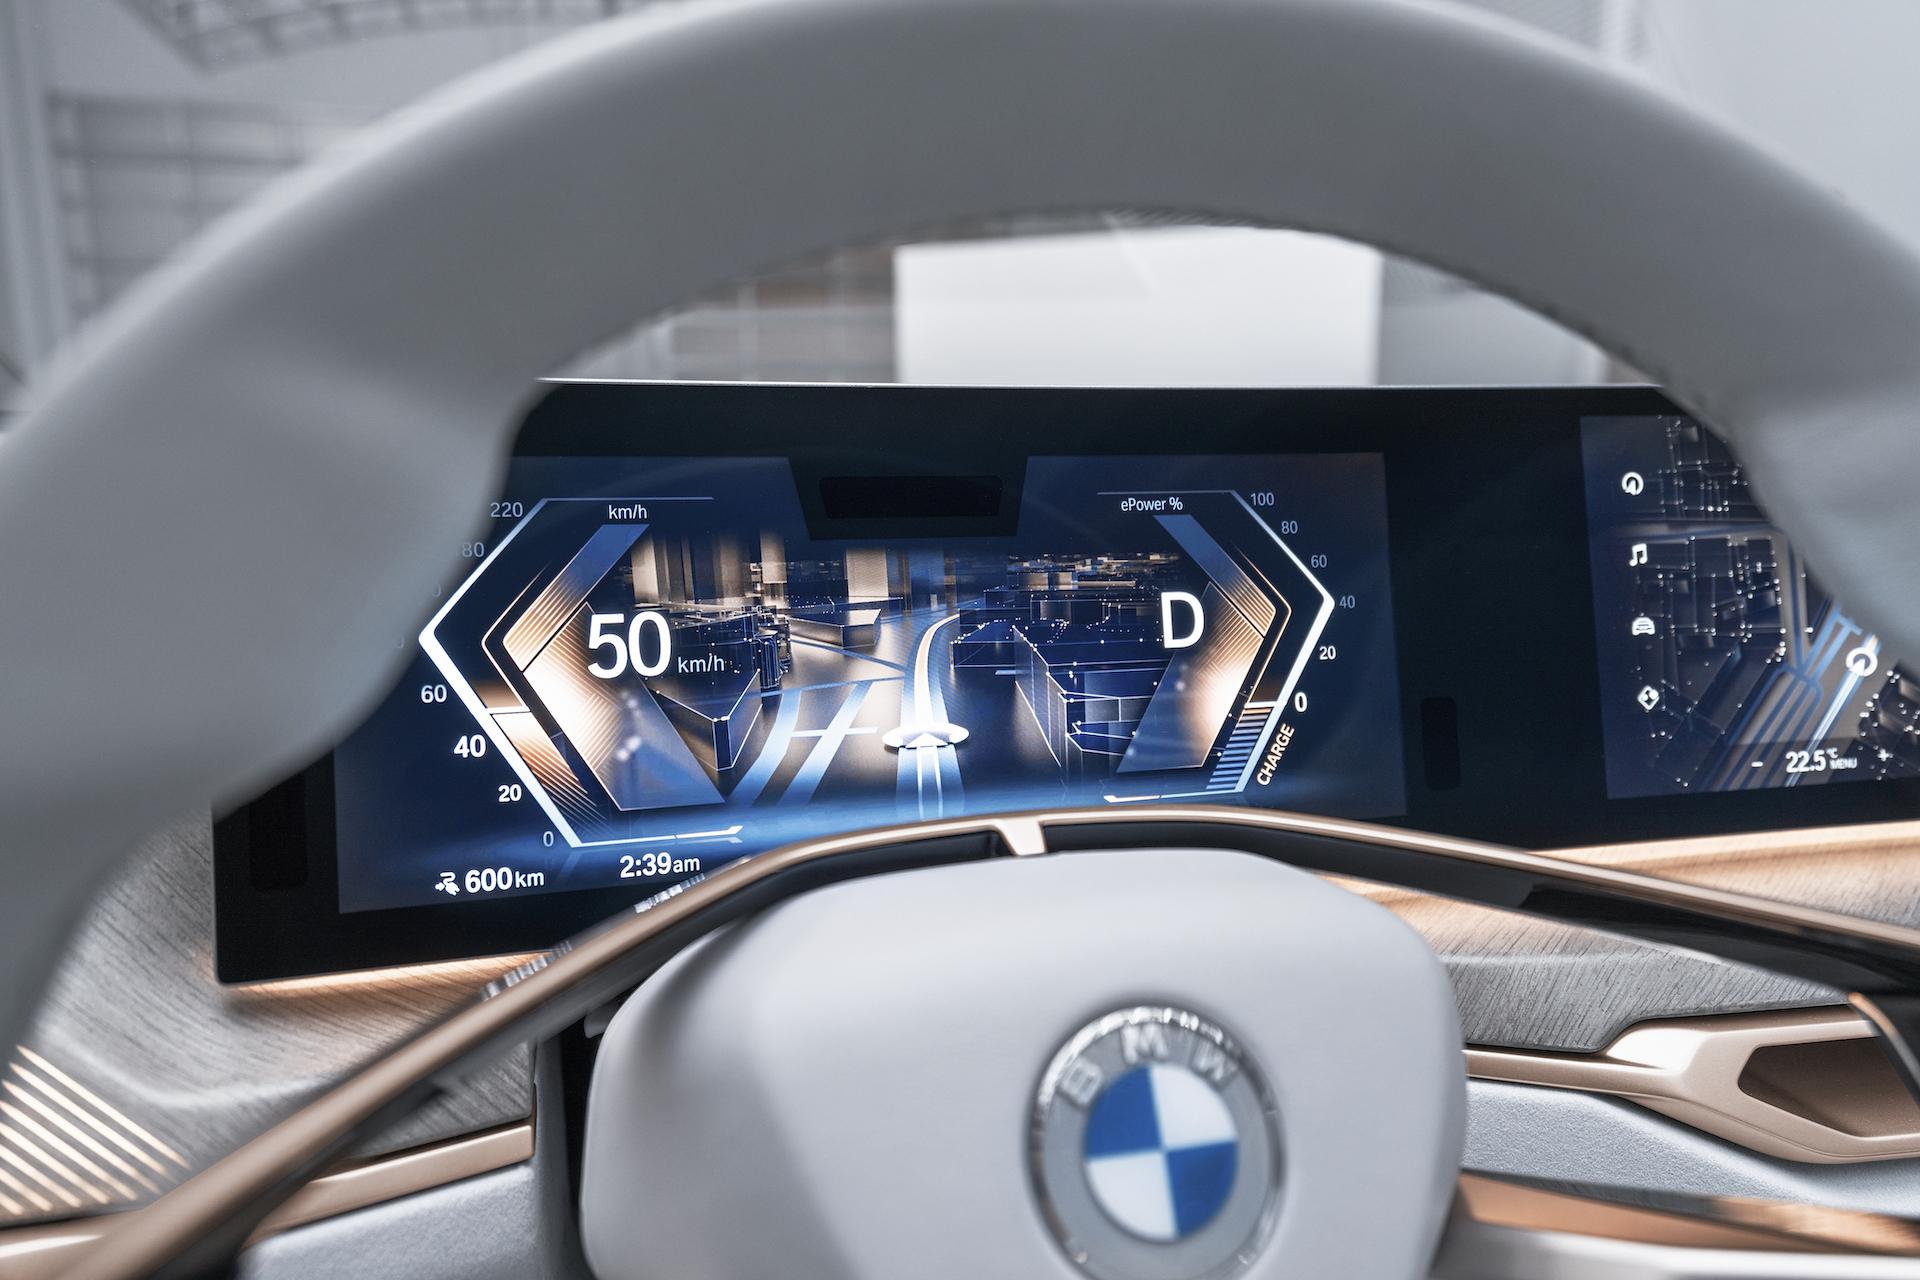 BMW stellt den neuen i4 vor: Ein Gran Coupé mit bis zu 530 PS und 600 km Reichweite 4